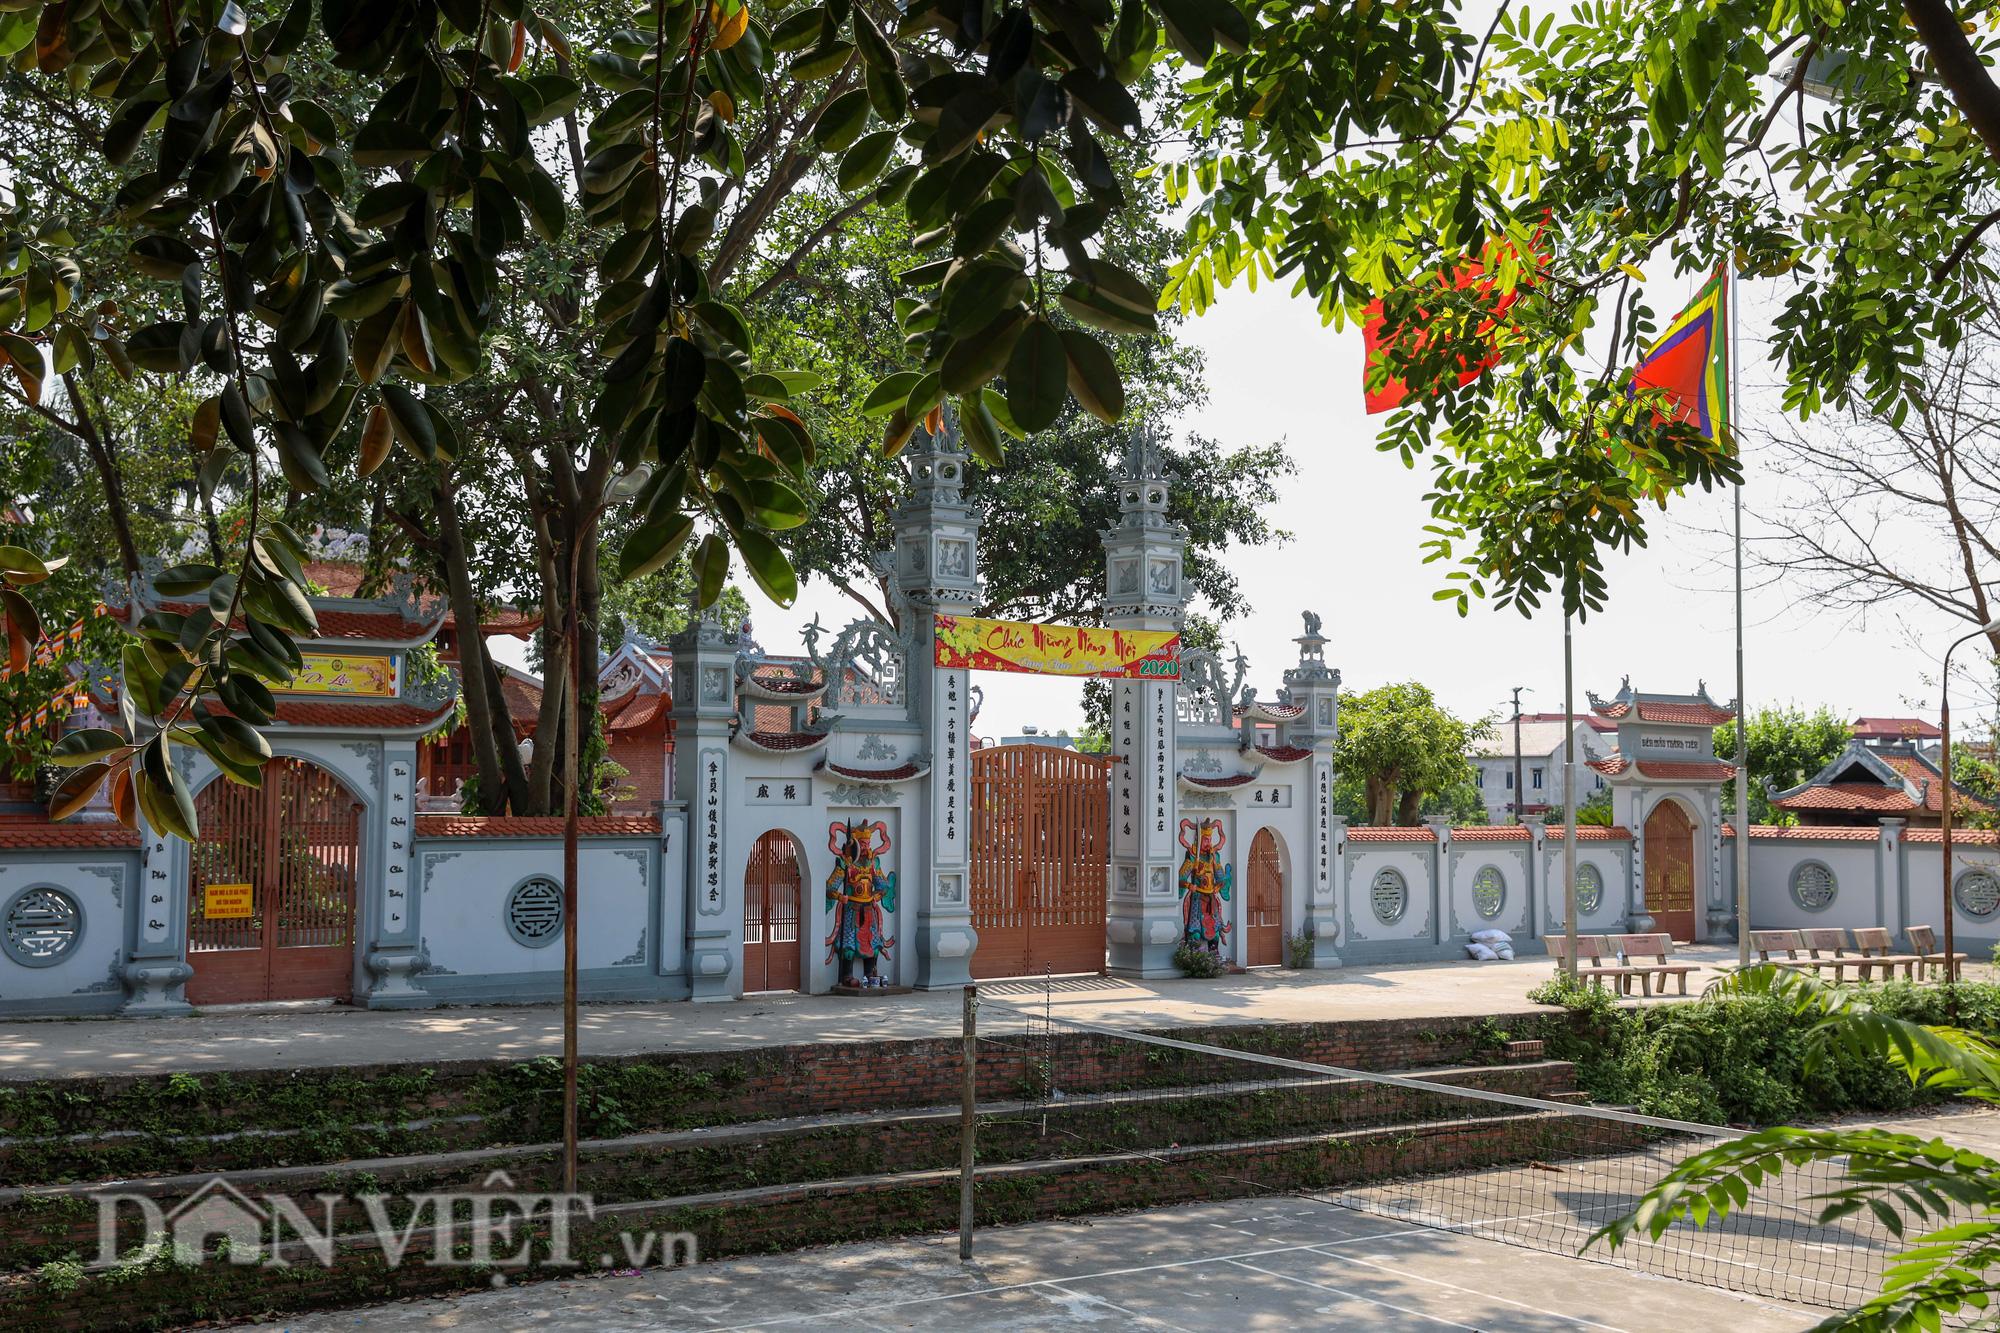 Đền Ba Voi ở Hà Nội bị đóng cửa vì sạt lở bờ sông - Ảnh 12.